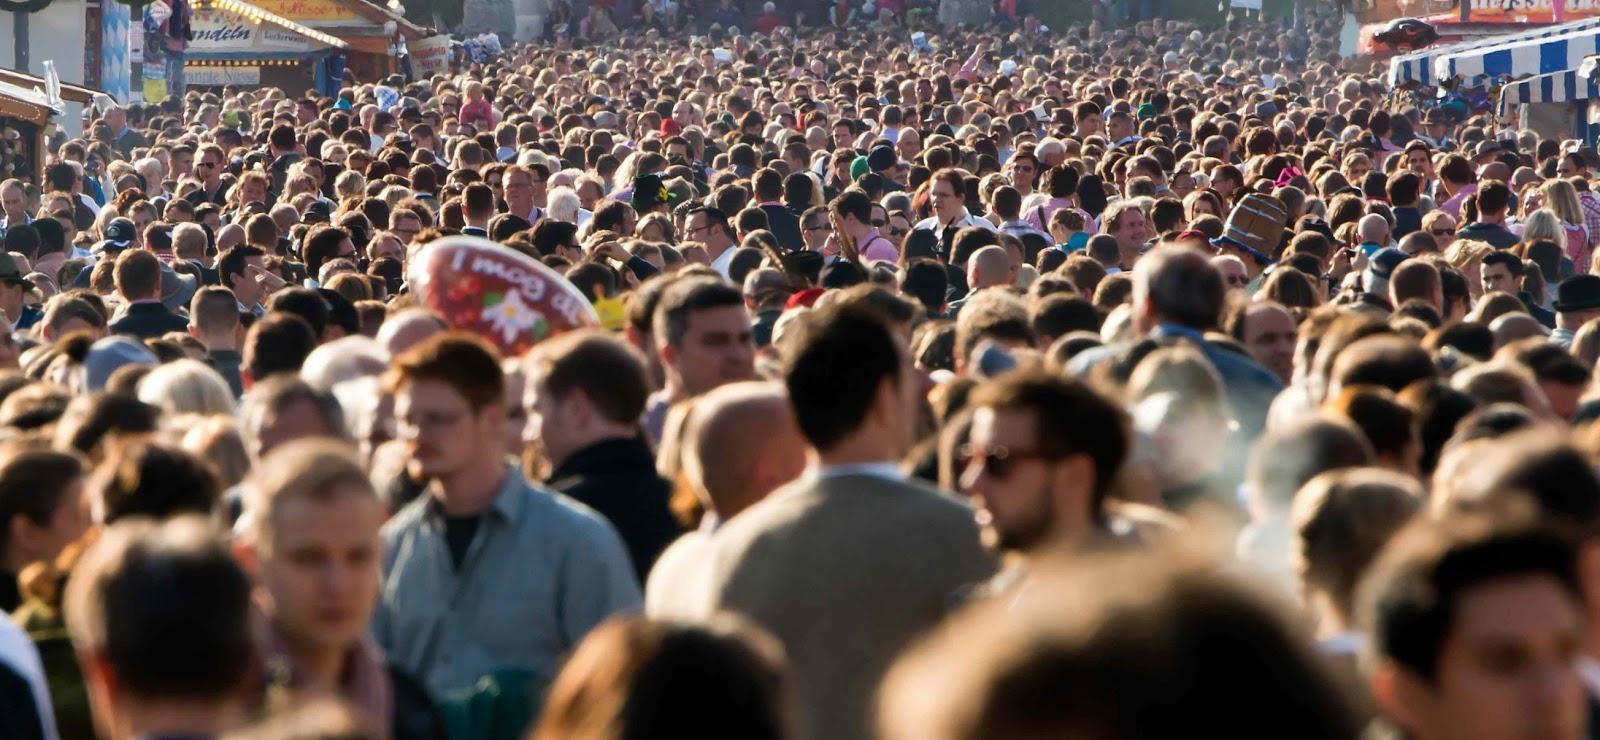 Más de 50 mil personas llegan a la ciudad para la II Tarde de juegos en Alaska